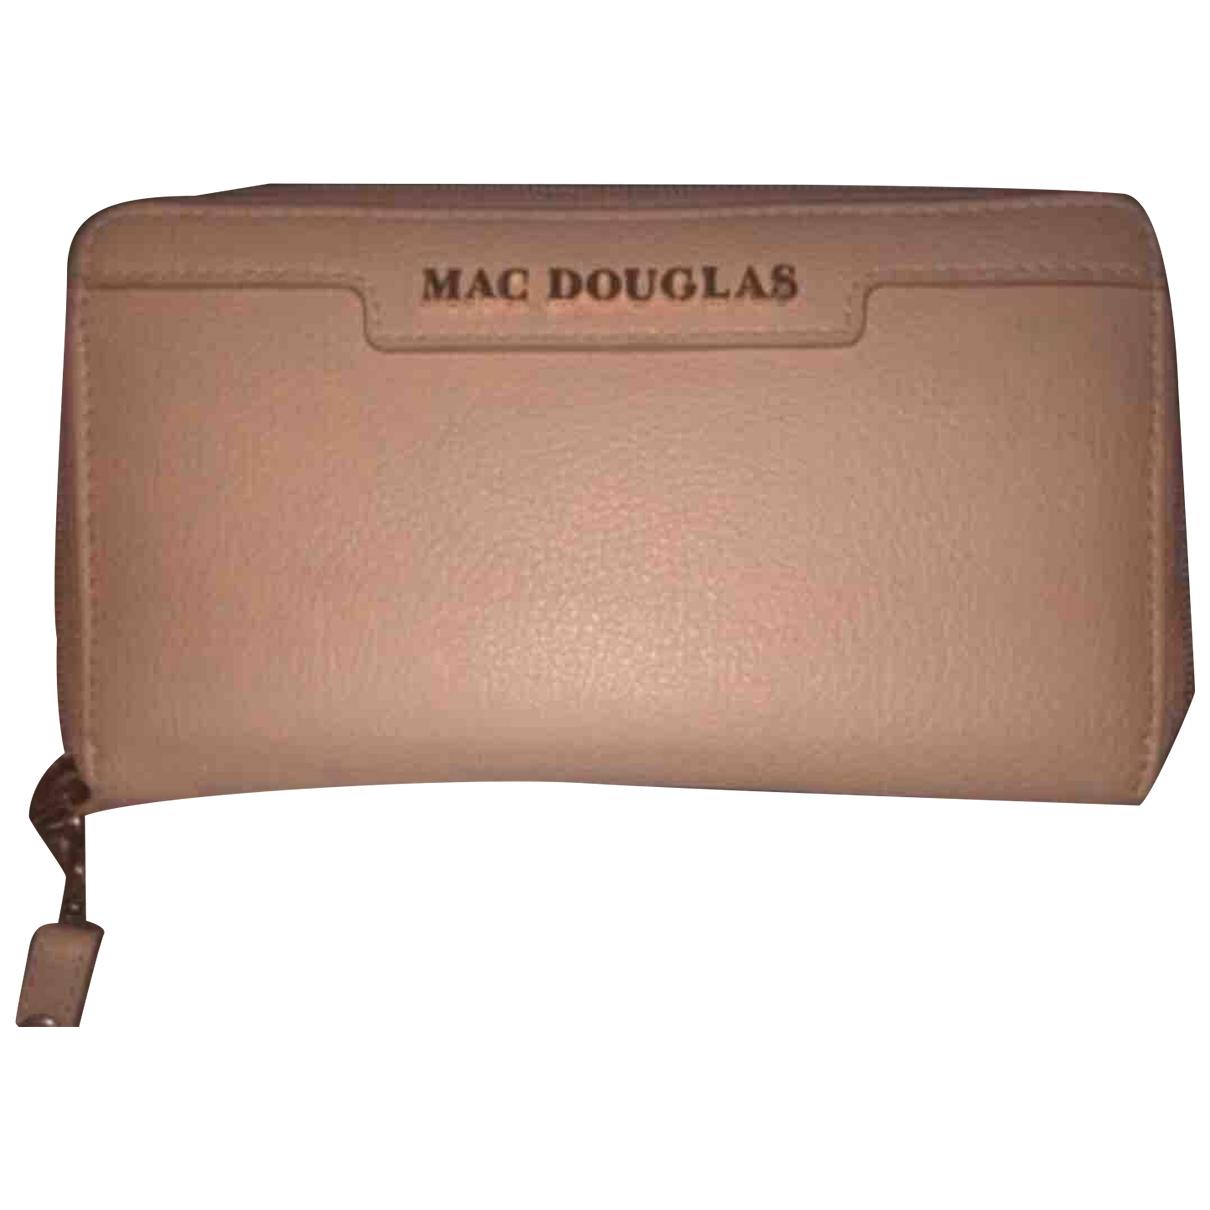 Mac Douglas - Petite maroquinerie   pour femme en cuir - beige